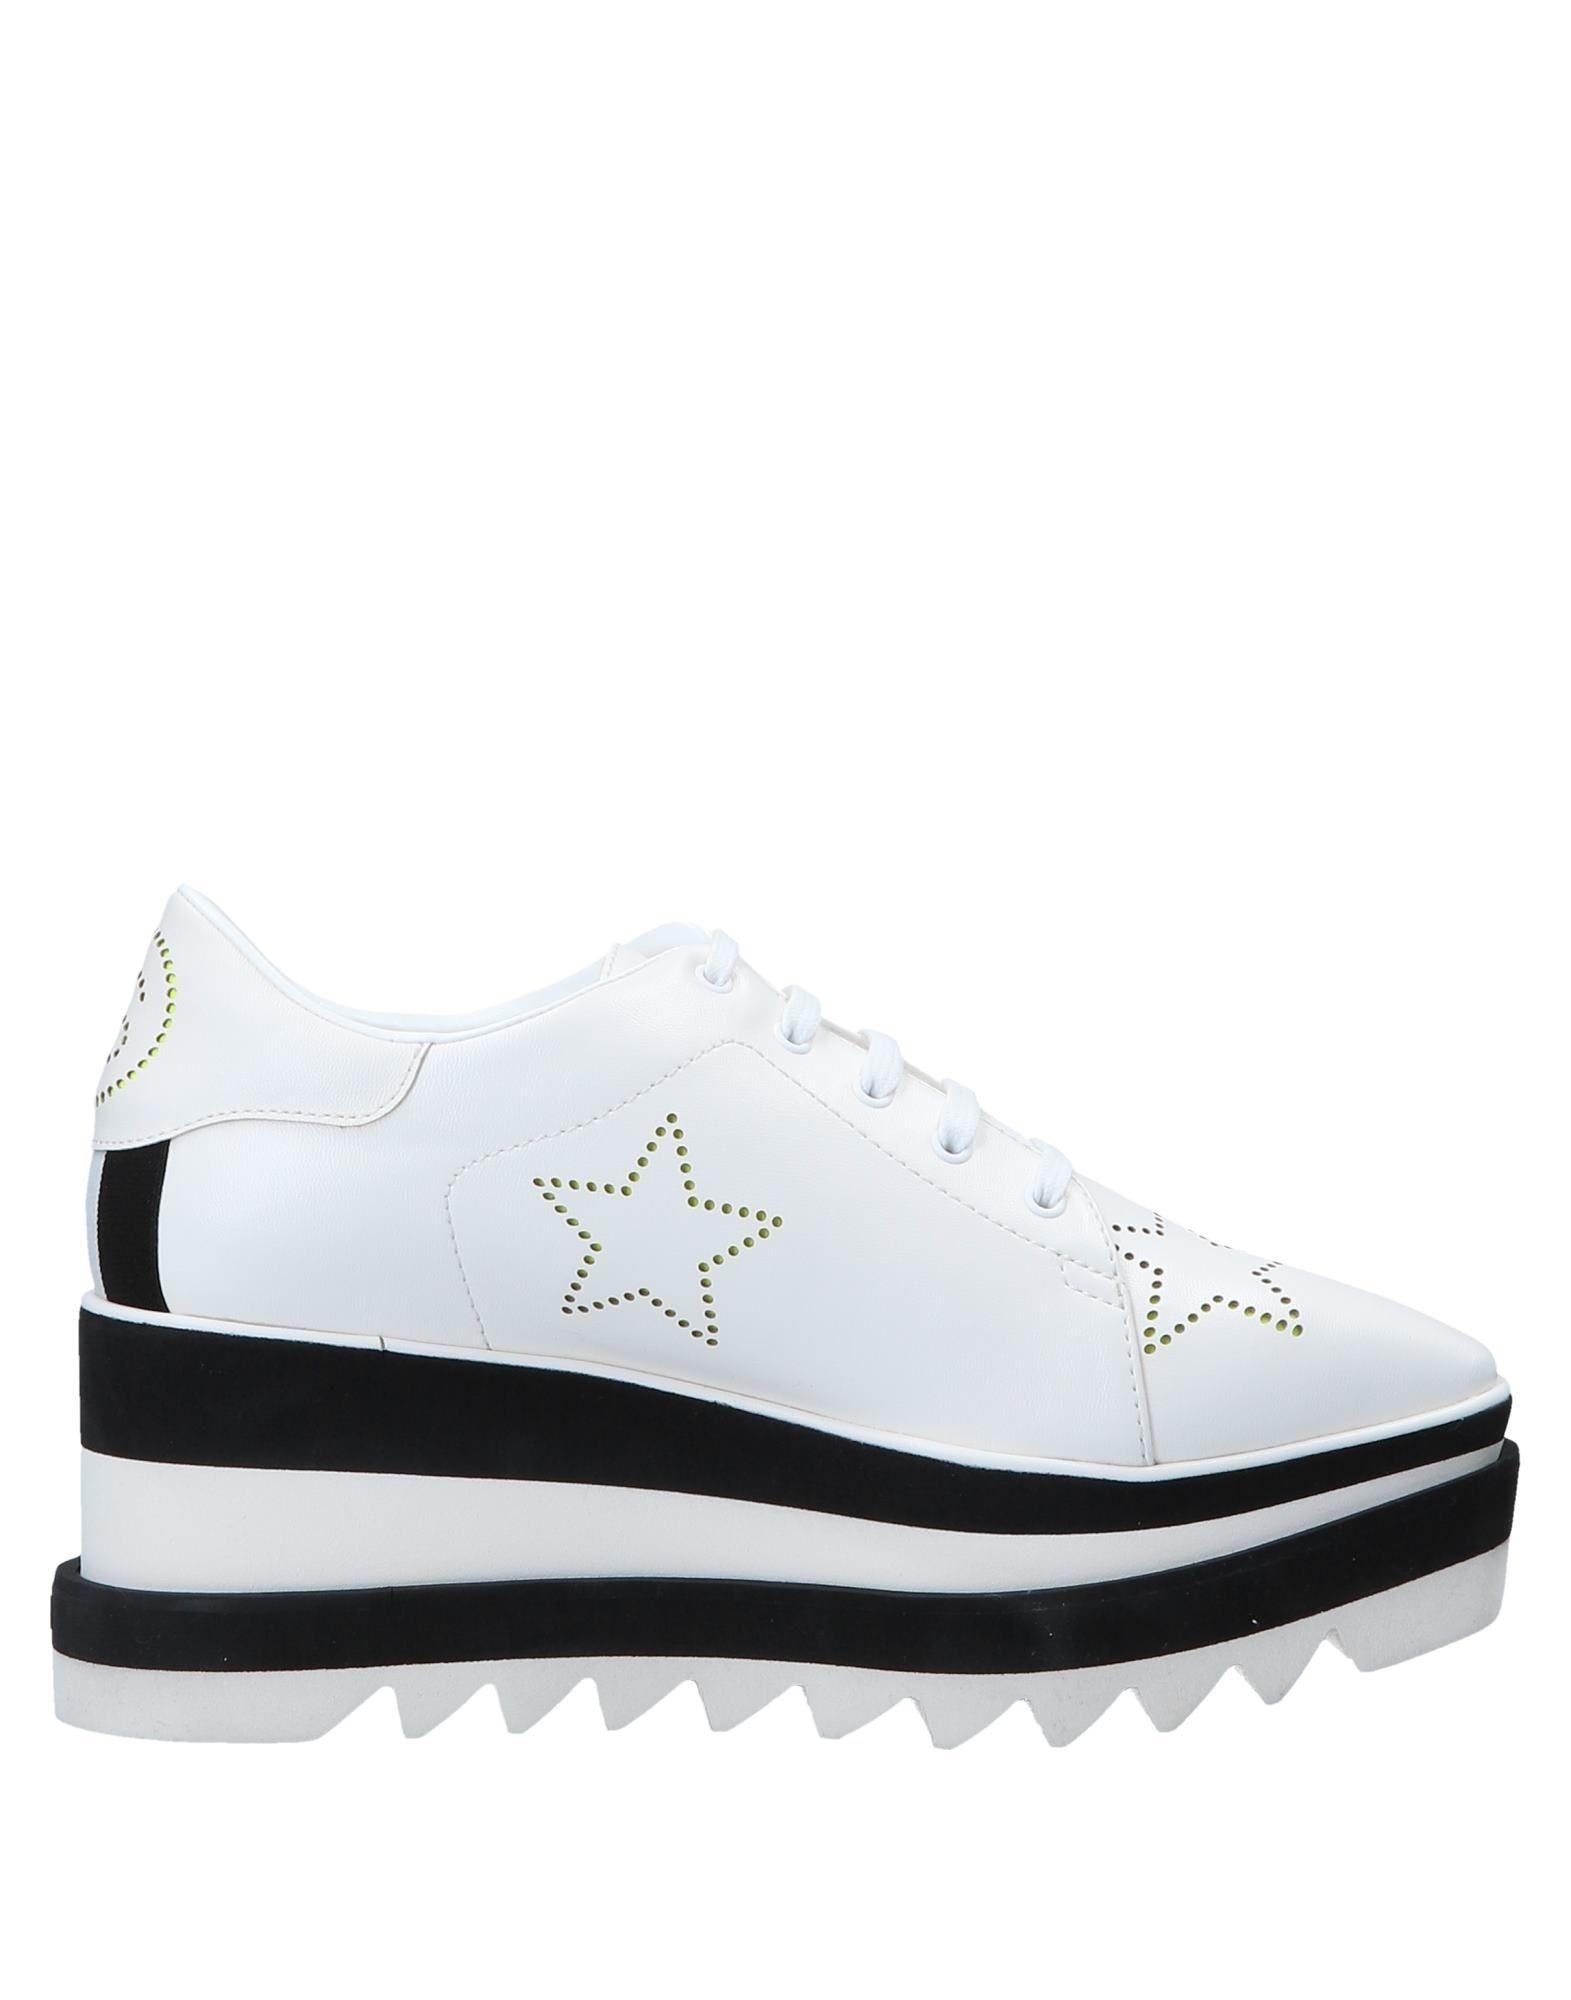 Stella Mccartney Schnürschuhe aussehende Damen  11529002MVGünstige gut aussehende Schnürschuhe Schuhe 1892df